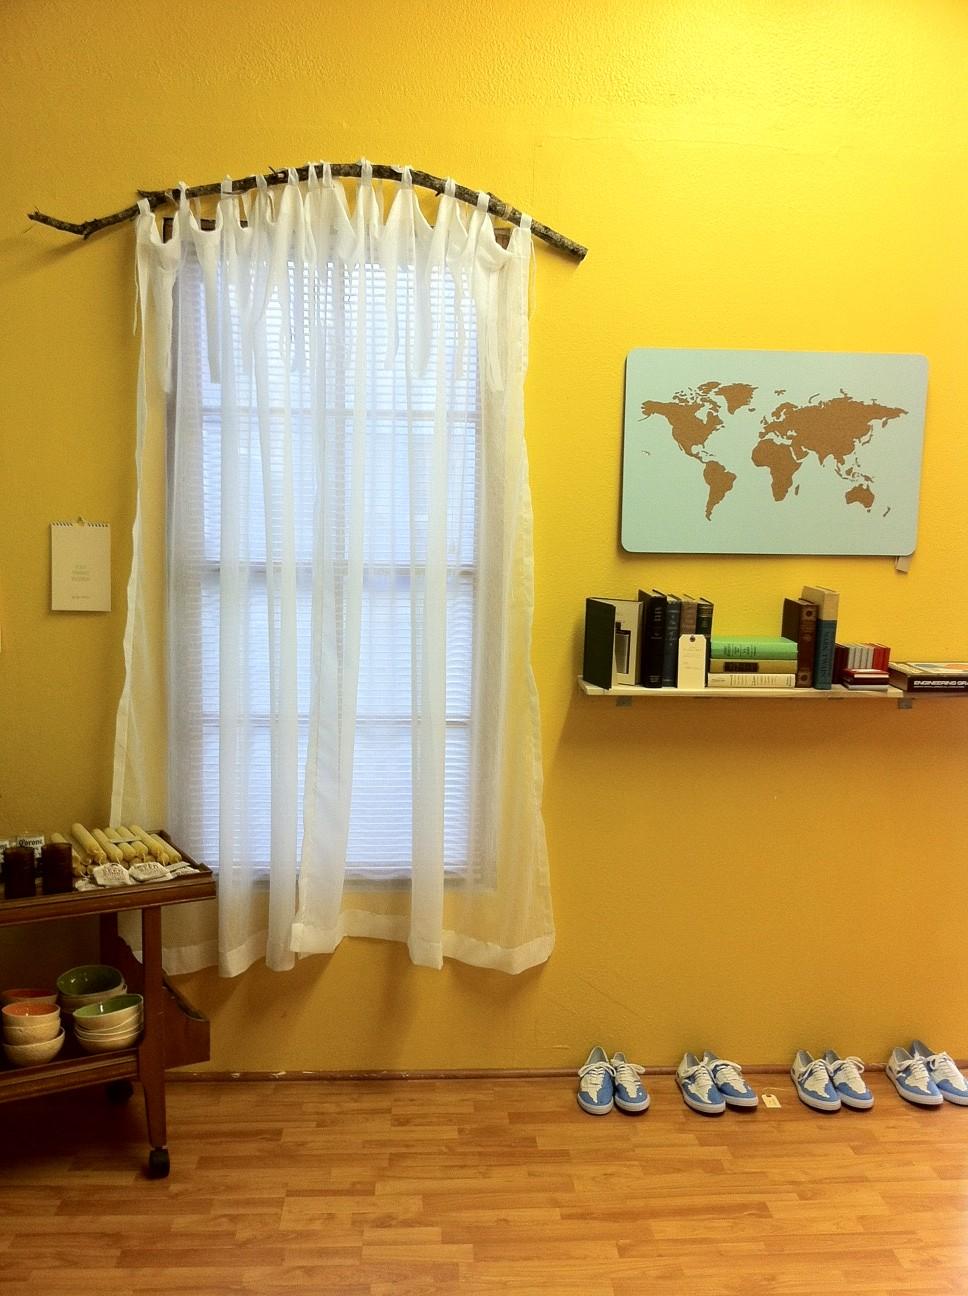 curtains-e1321399681276.jpg